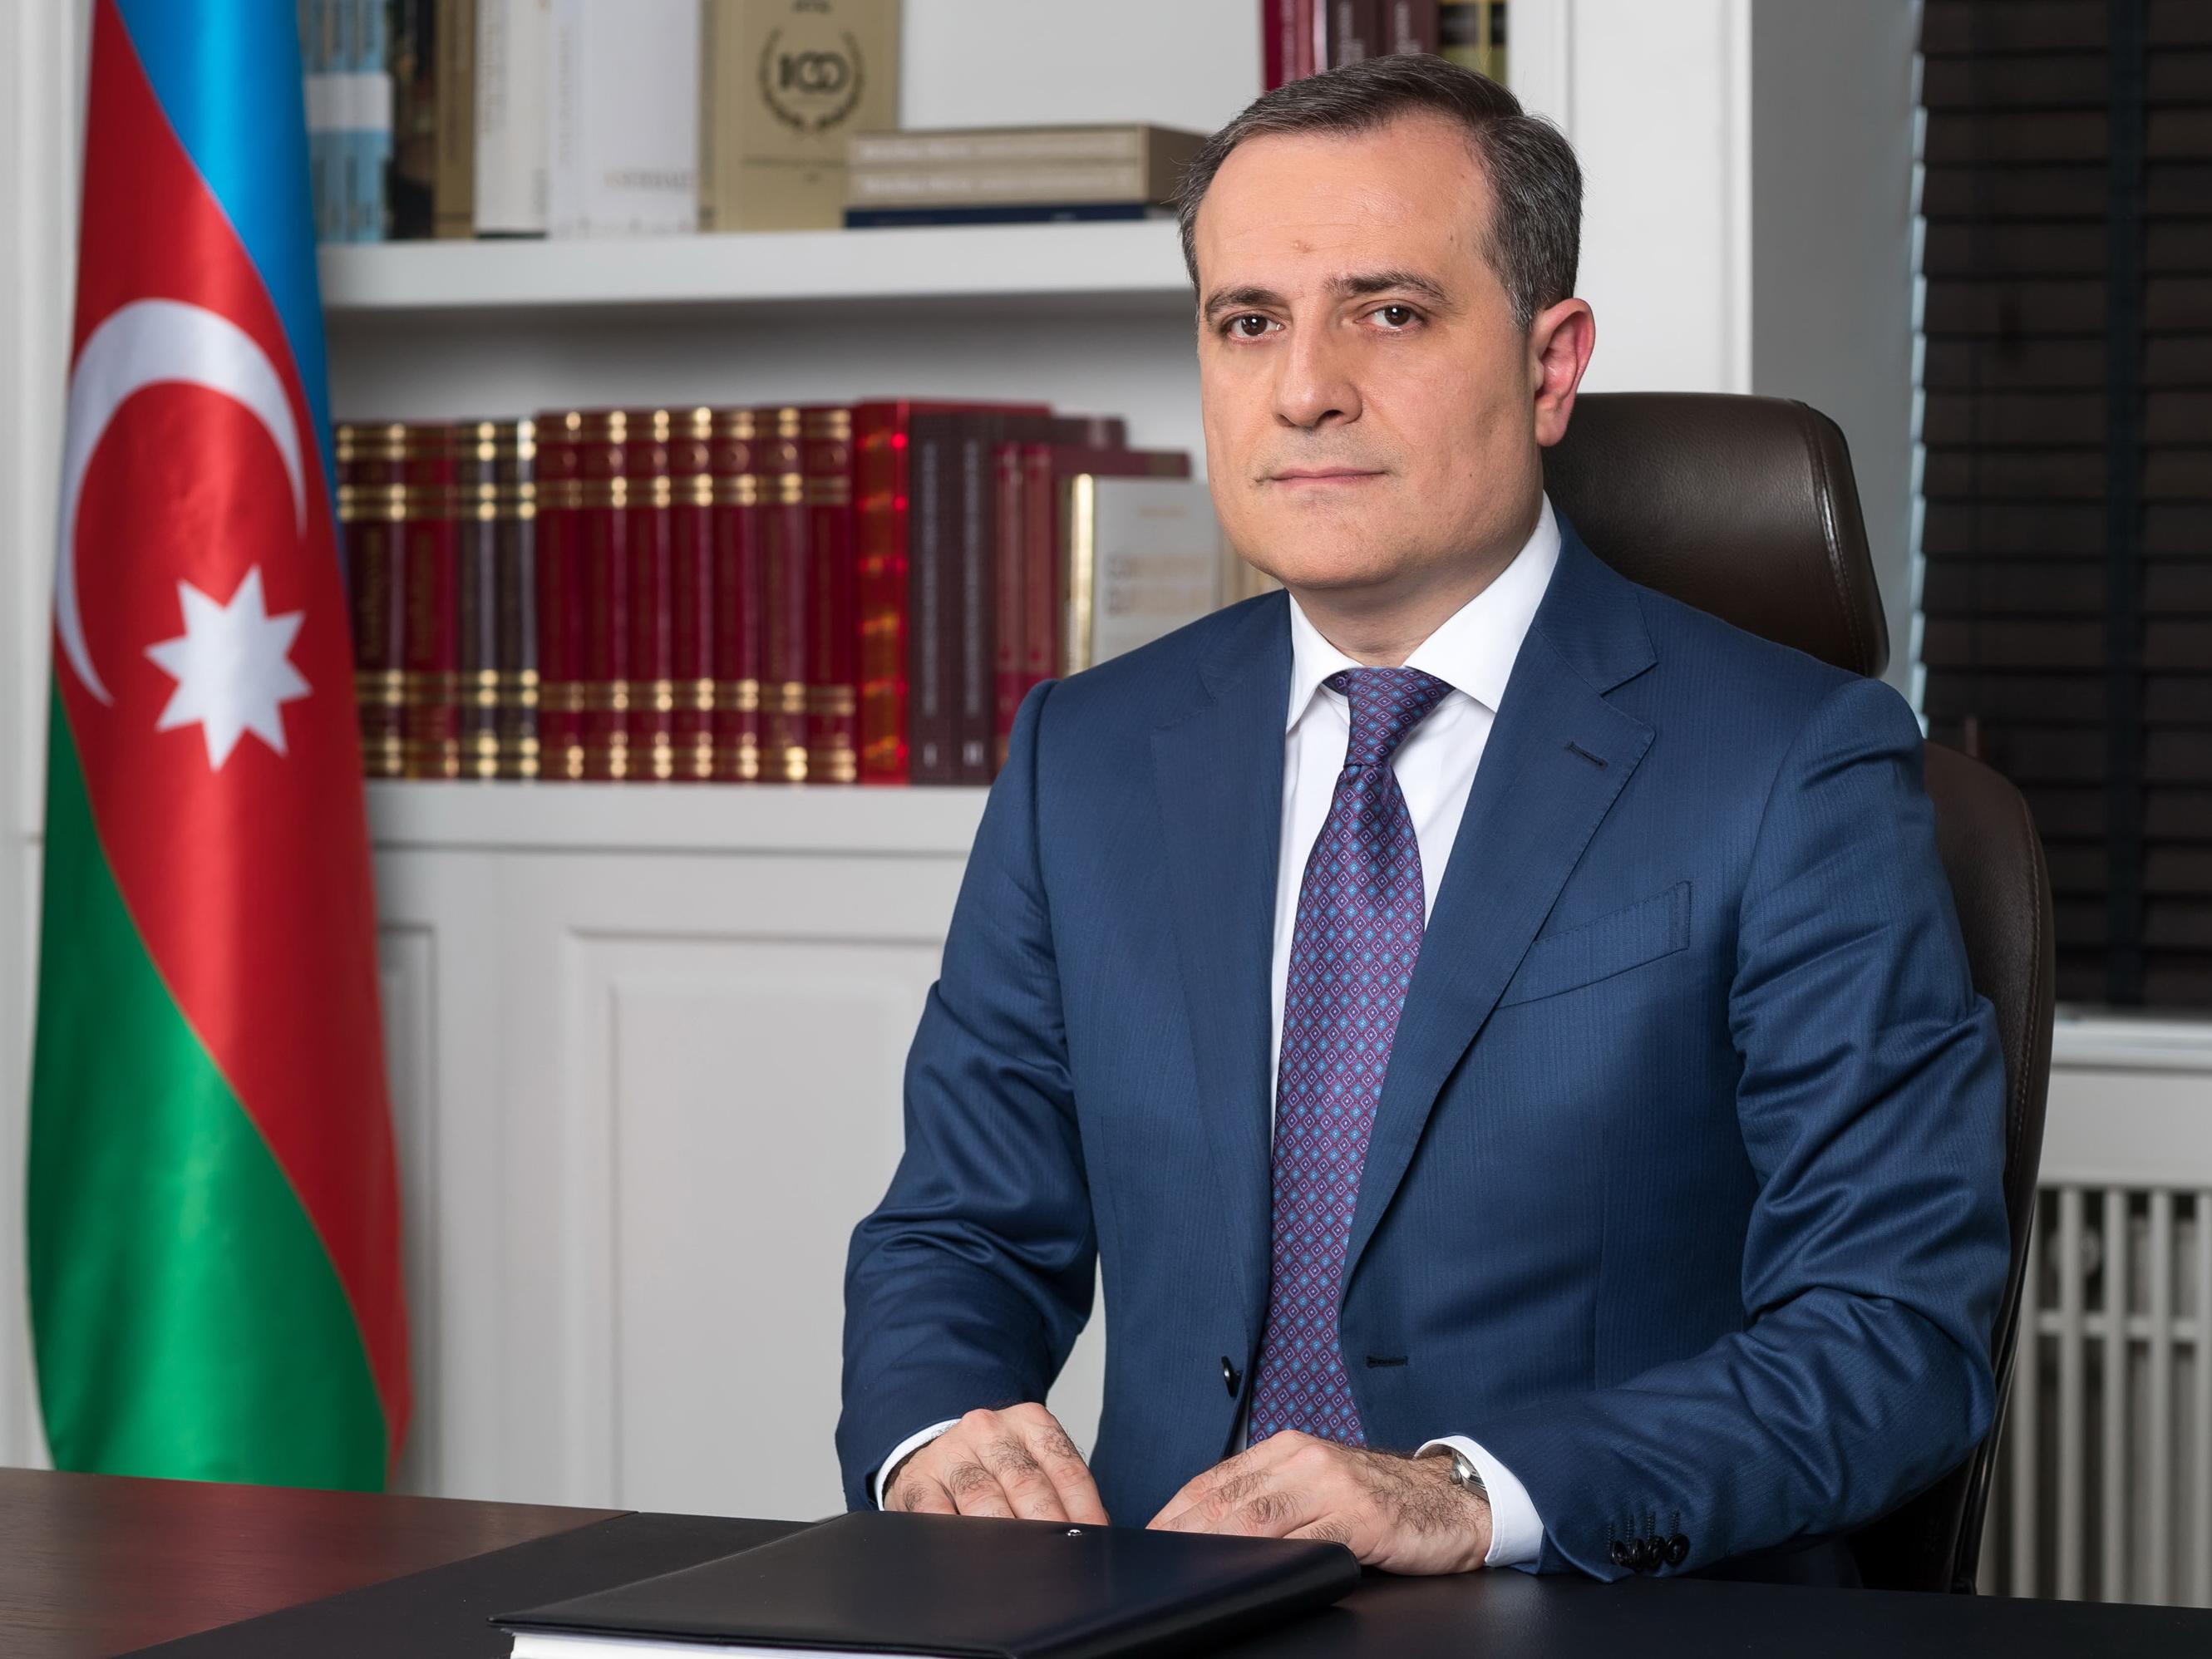 Министр образования Джейхун Байрамов встретился с делегацией во главе с министром национального образования Турции